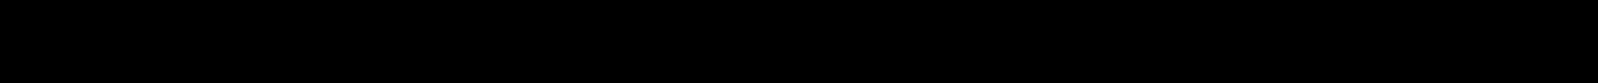 MI Equation